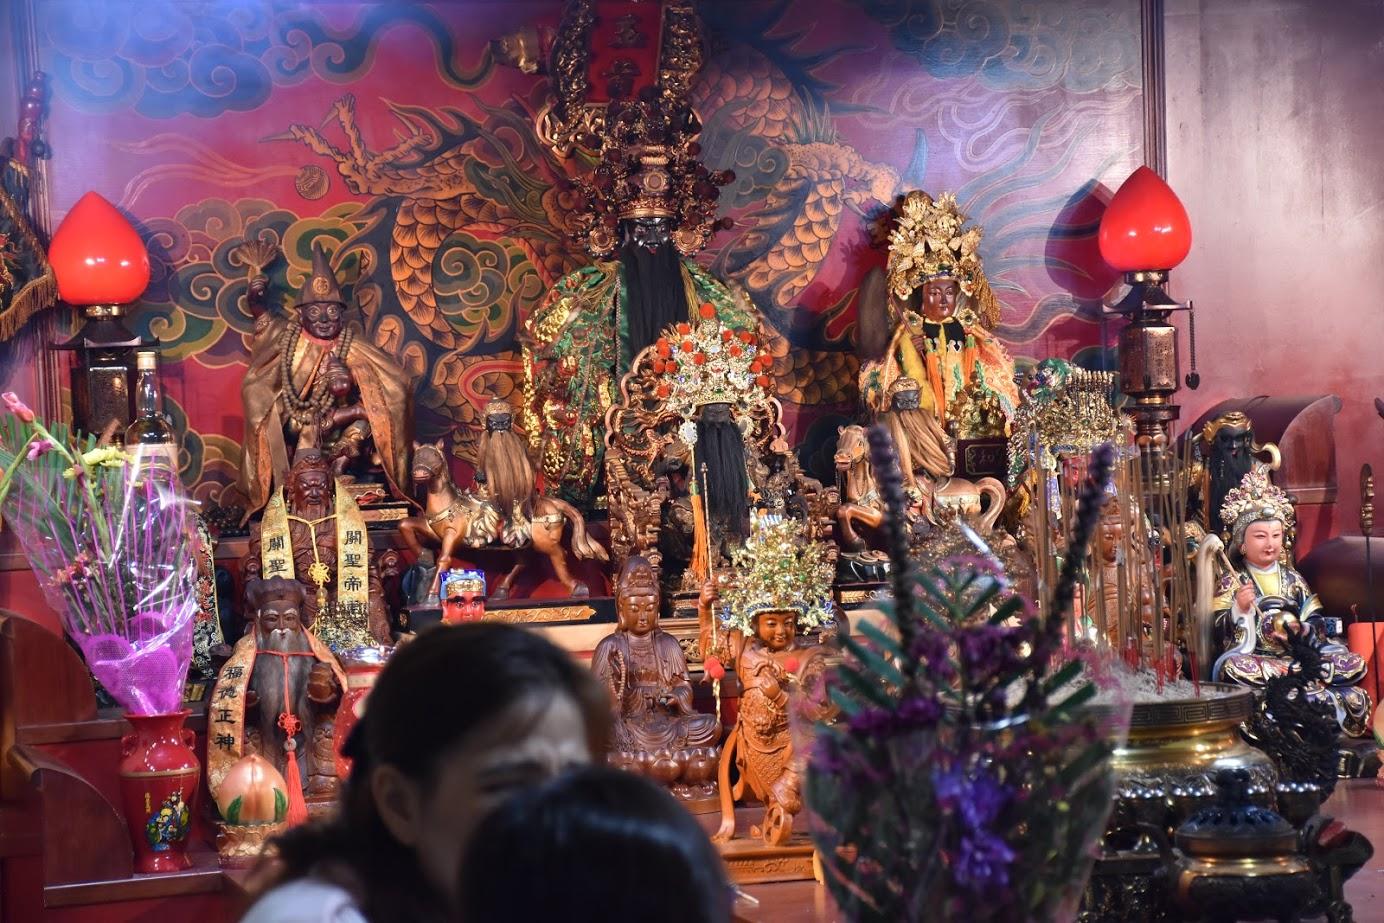 全台唯一的石聖爺,與宜蘭聖賢宮最近的真實接觸-宜蘭拜拜、問事推薦 @秤瓶樂遊遊